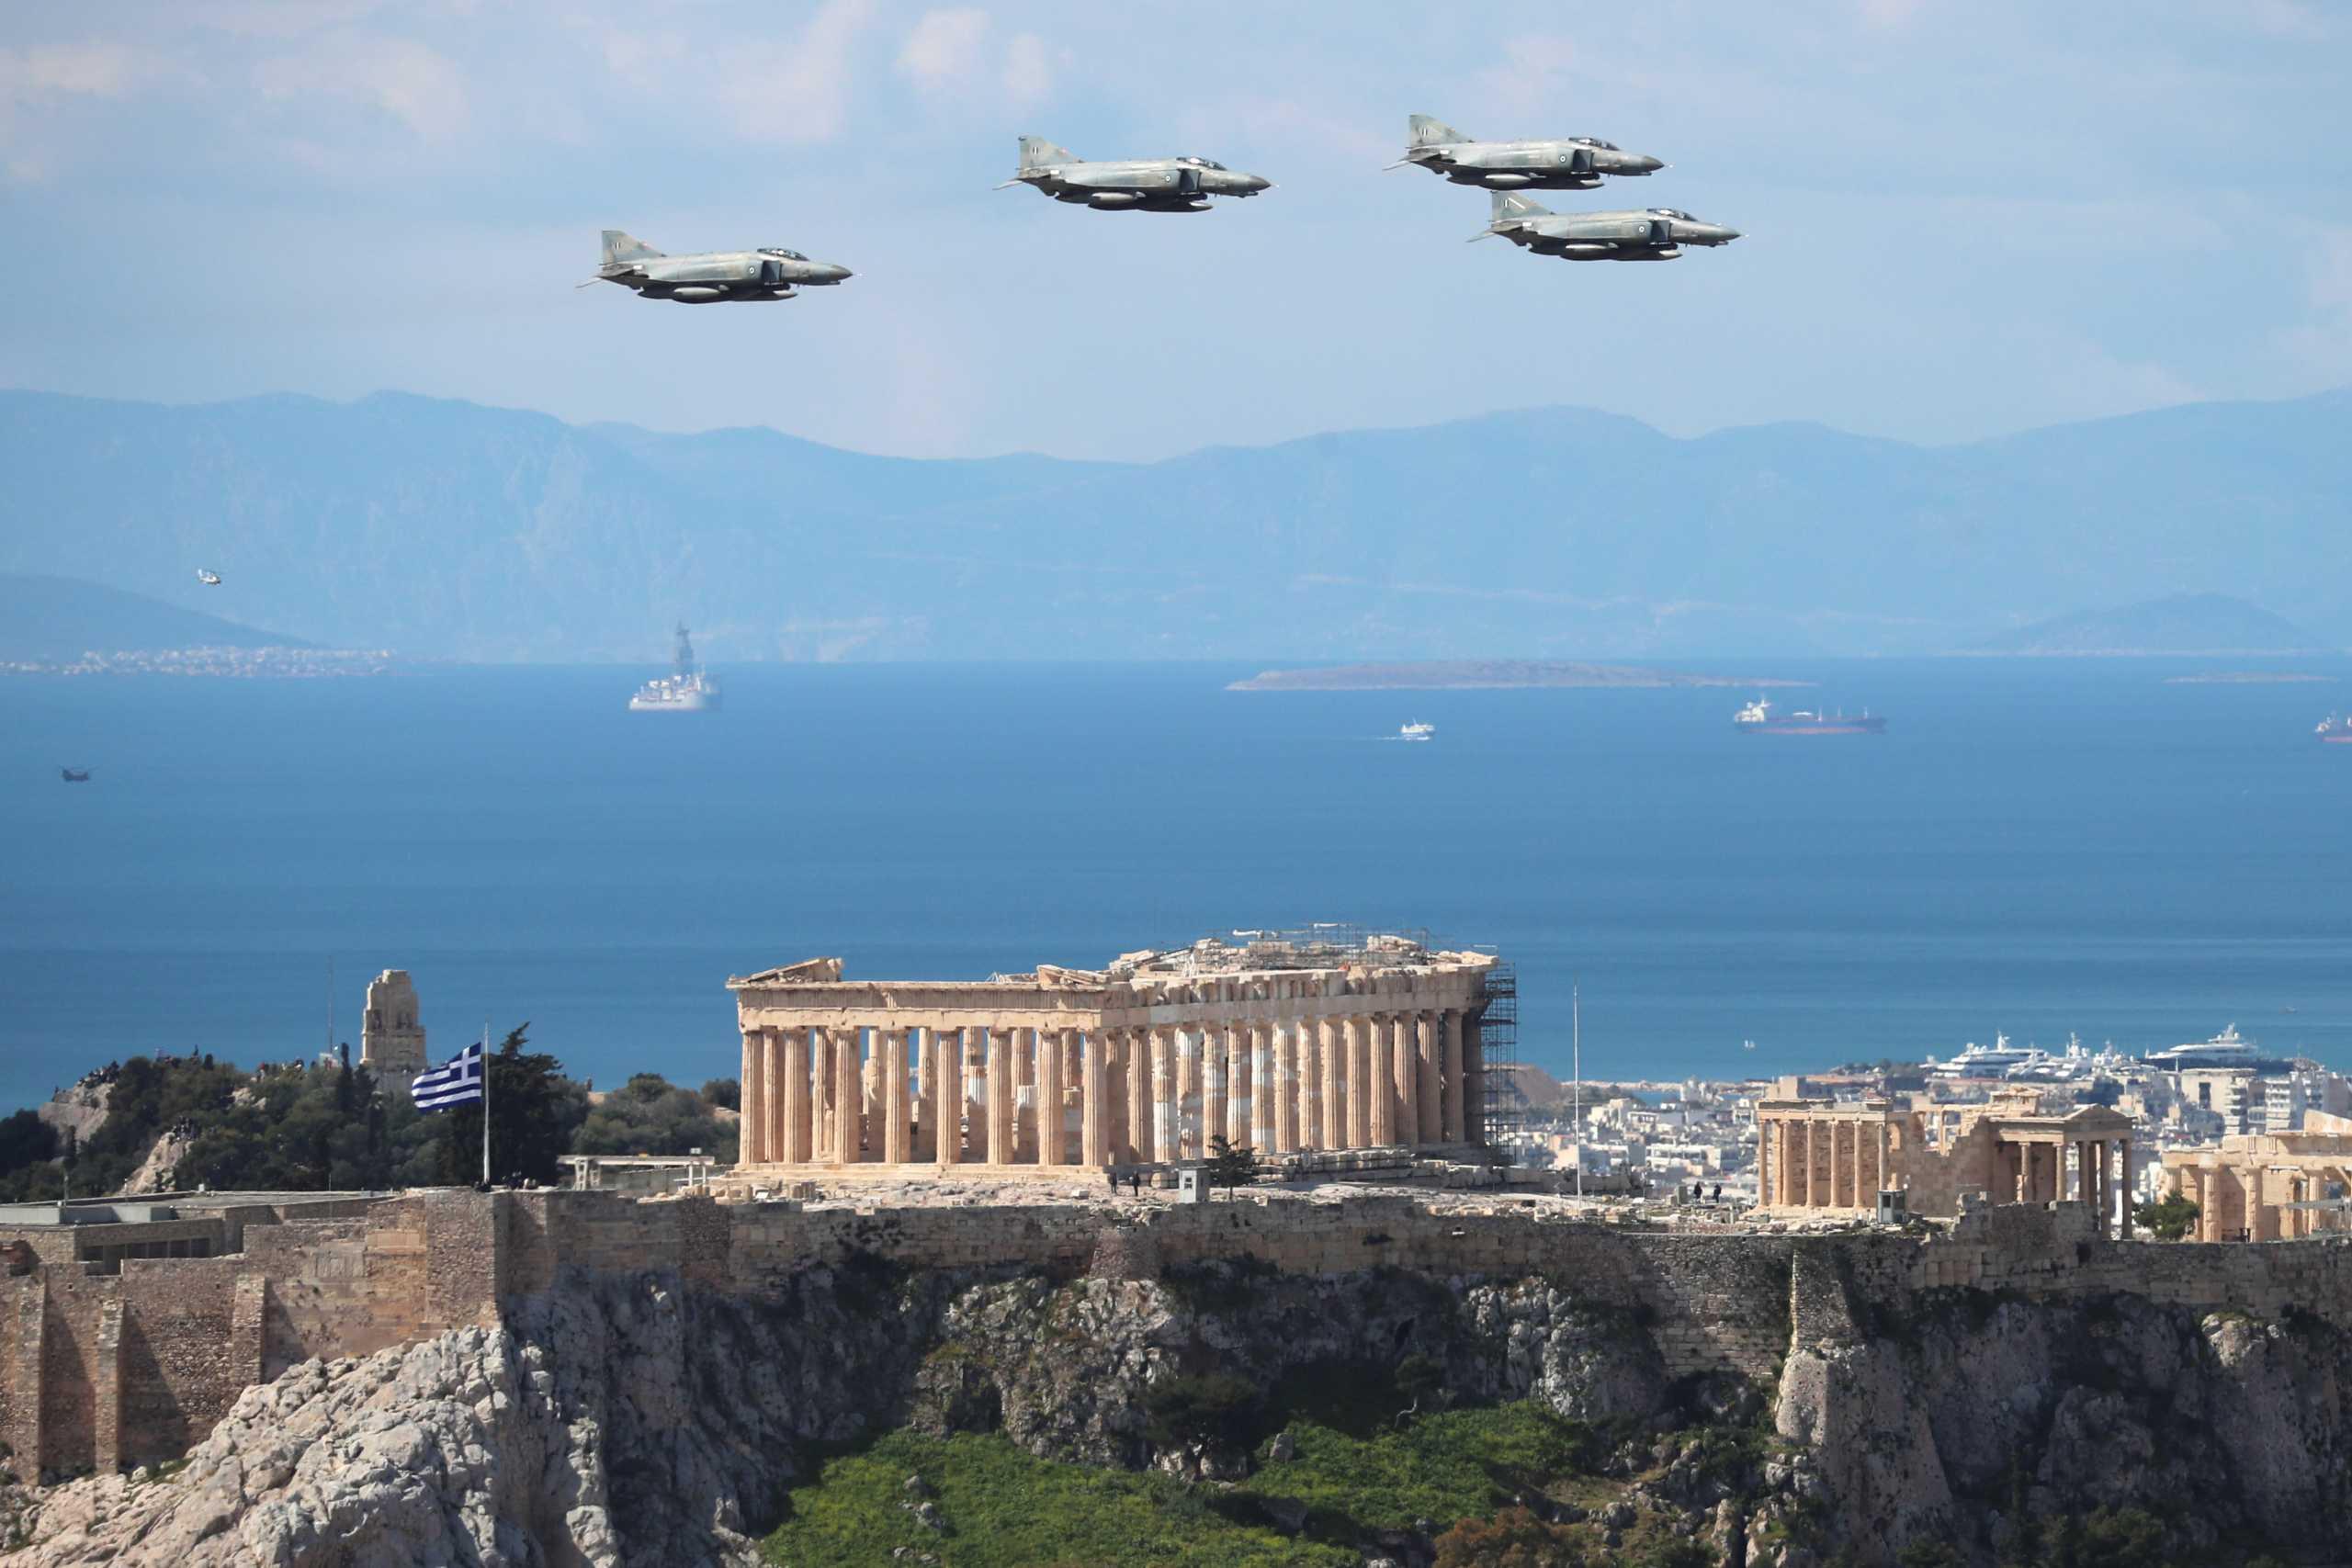 Γάλλος αστροναύτης τιμά την Ελλάδα με μία εκπληκτική εναέρια φωτογραφία